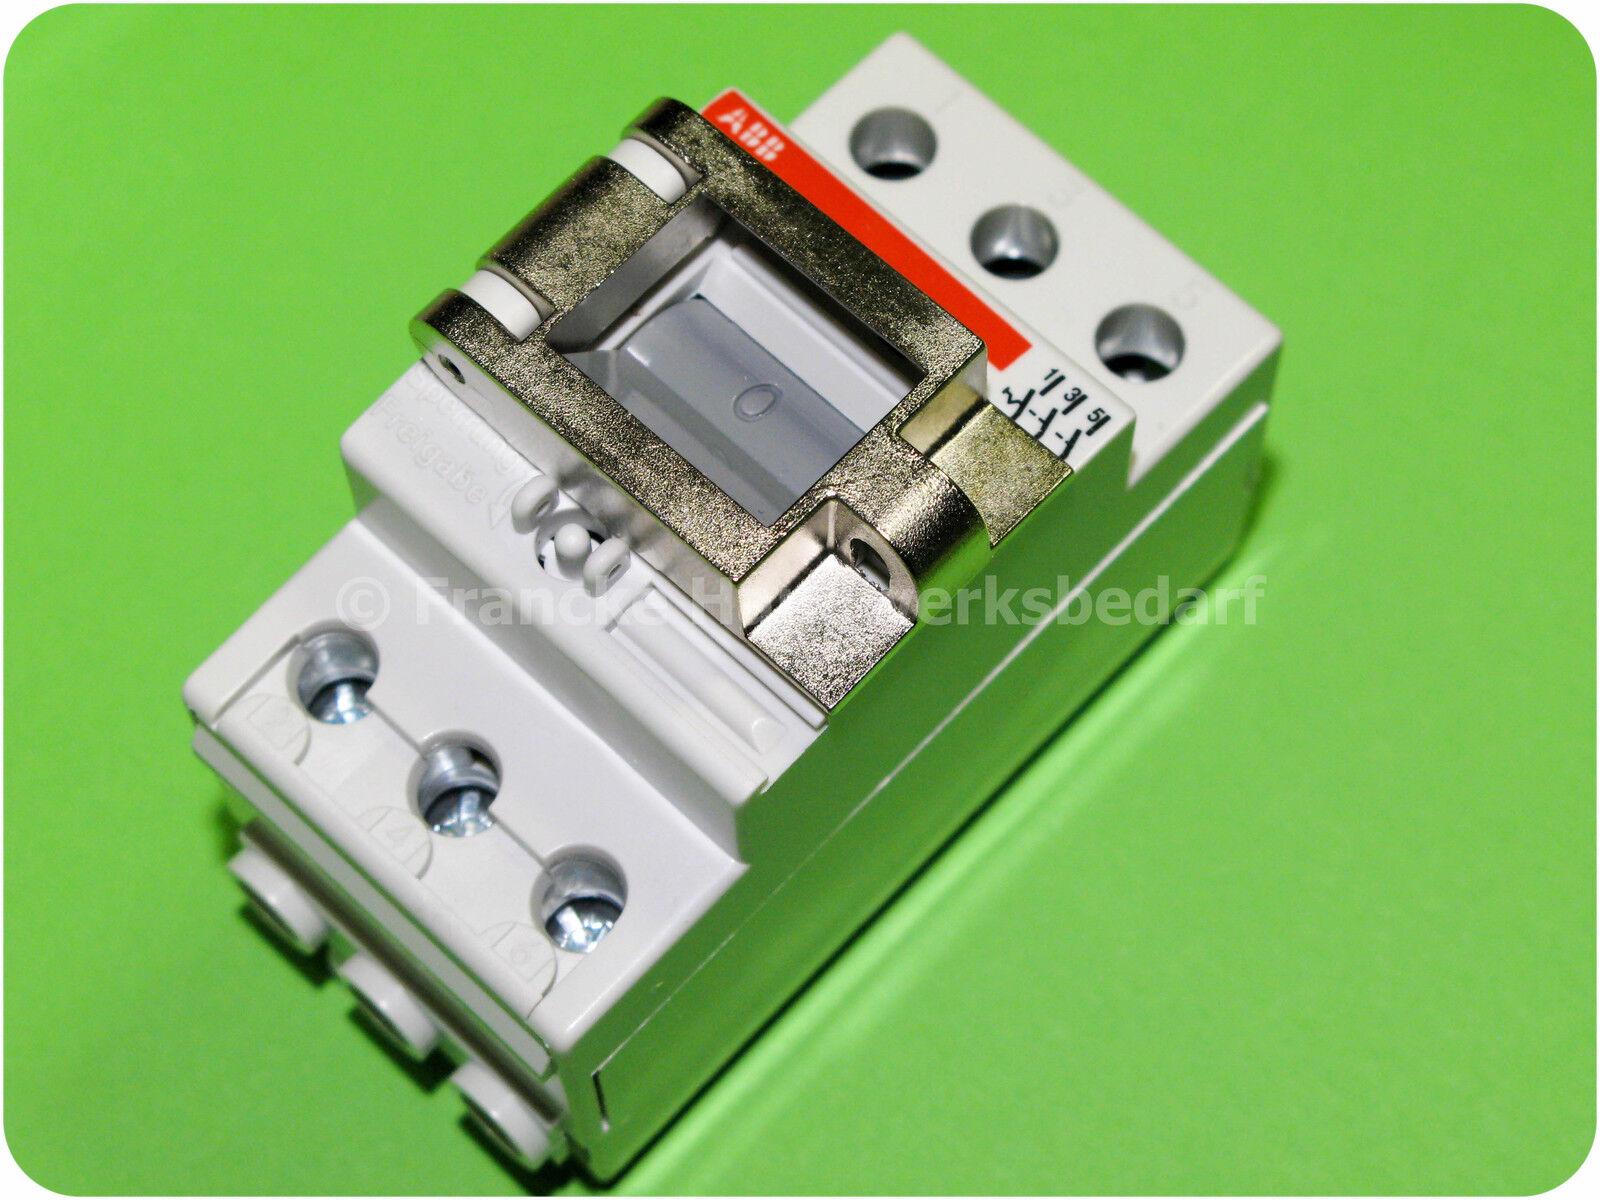 ABB E463 3SL 400V 63A 3-polig Ausschalter Trennschalter  |  Neuer Markt